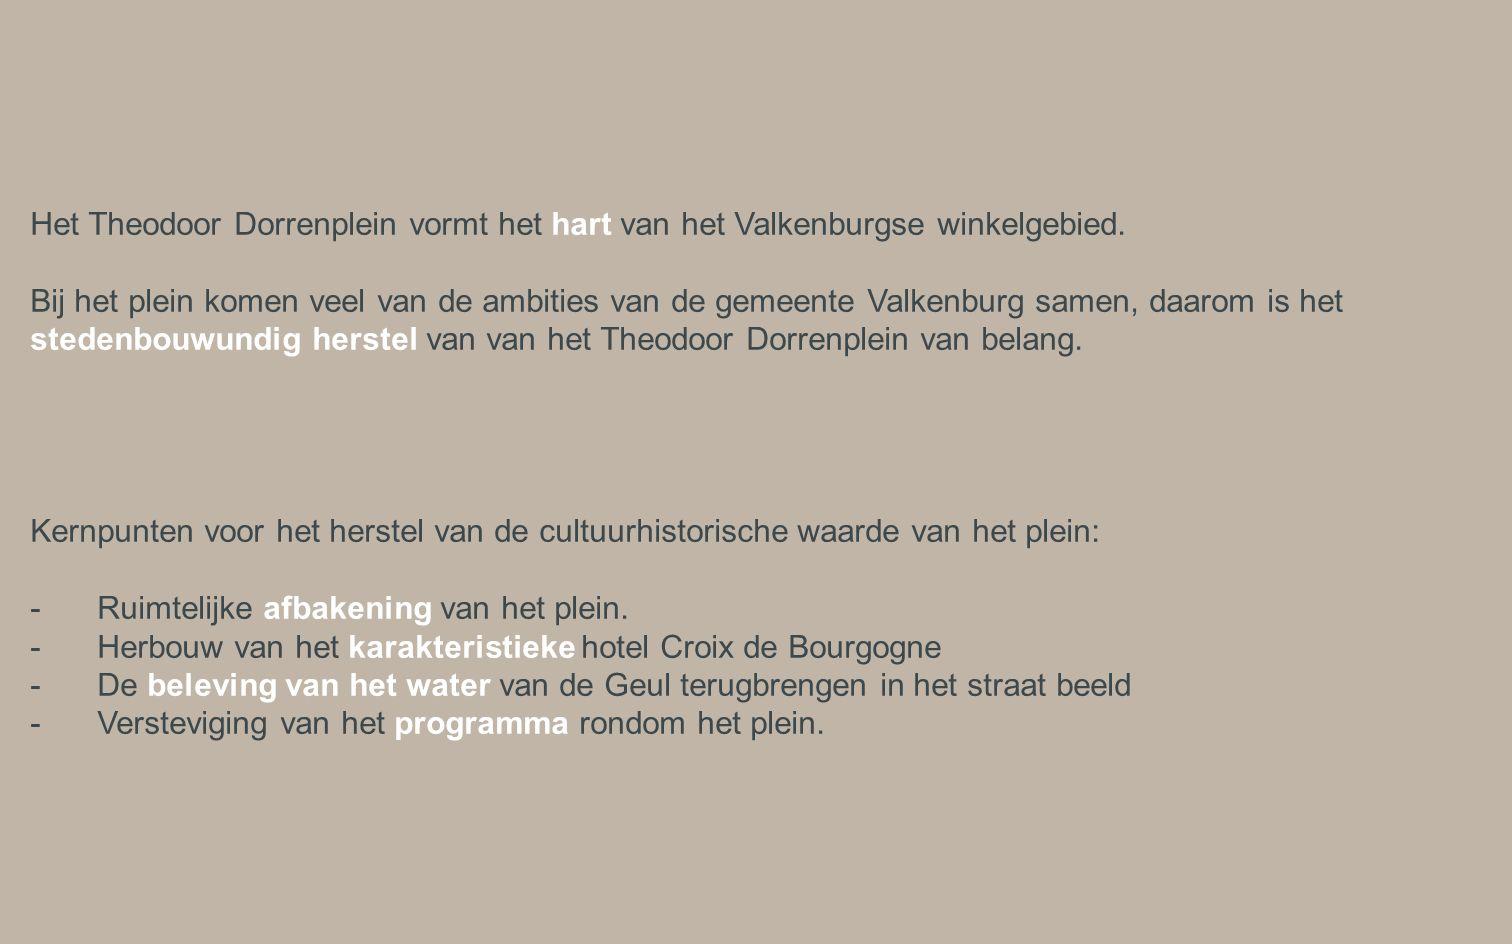 Het Theodoor Dorrenplein vormt het hart van het Valkenburgse winkelgebied. Bij het plein komen veel van de ambities van de gemeente Valkenburg samen,